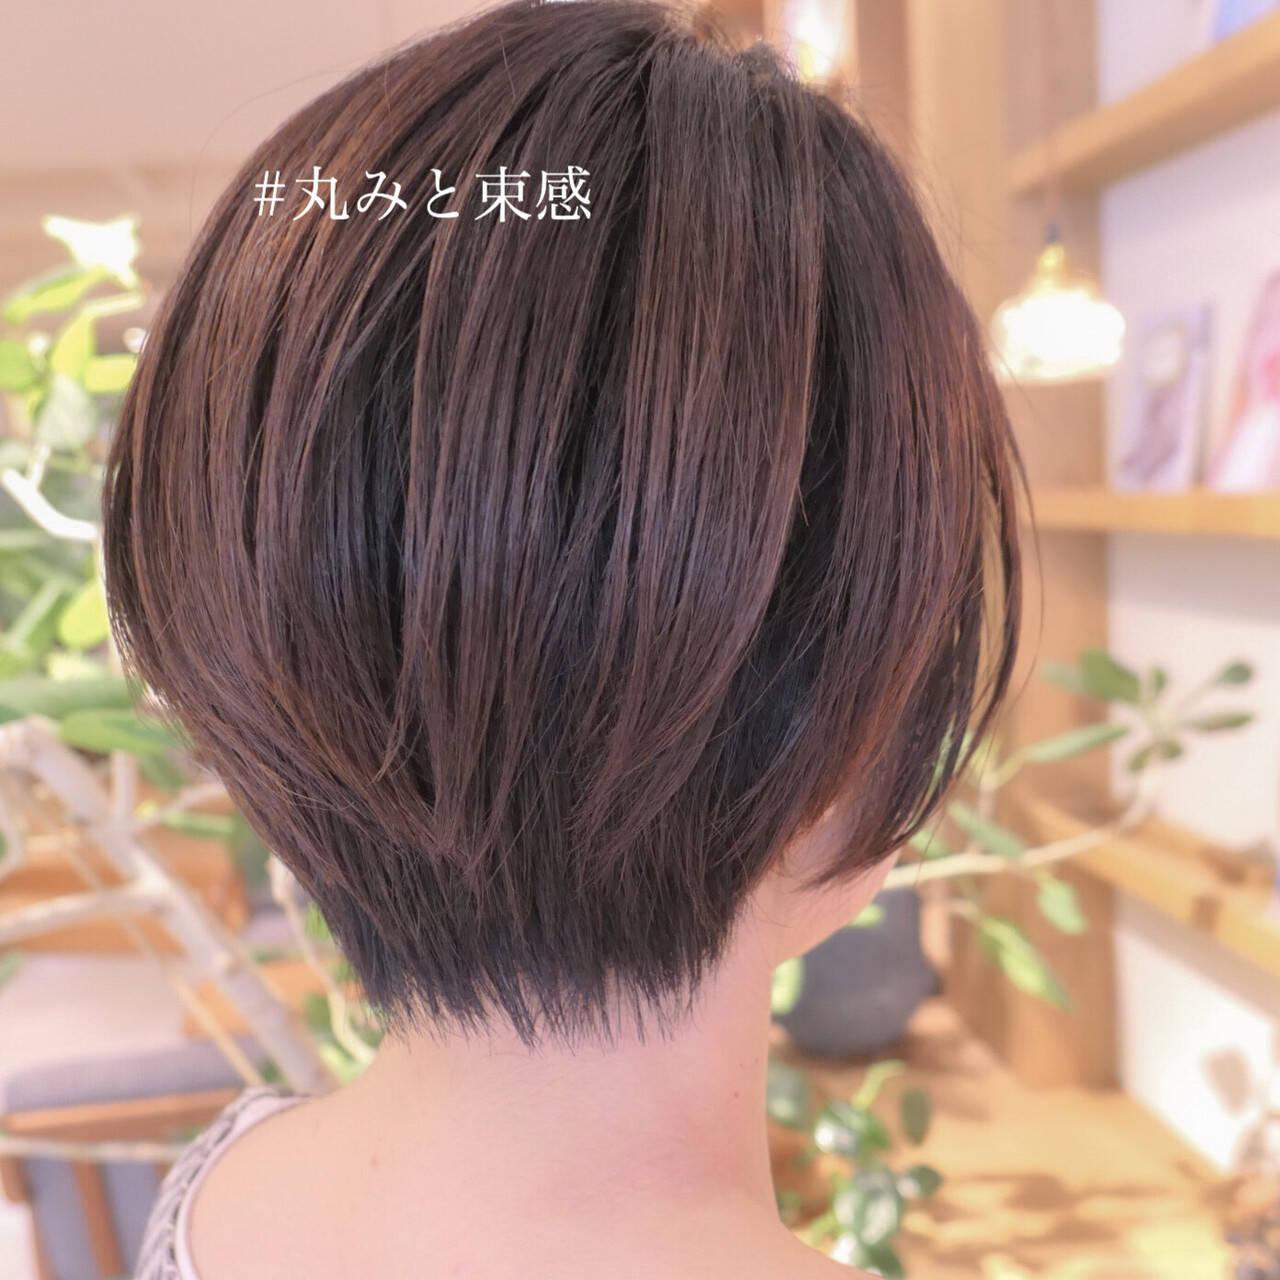 ナチュラル ショートヘア ベリーショート 抜け感ヘアスタイルや髪型の写真・画像